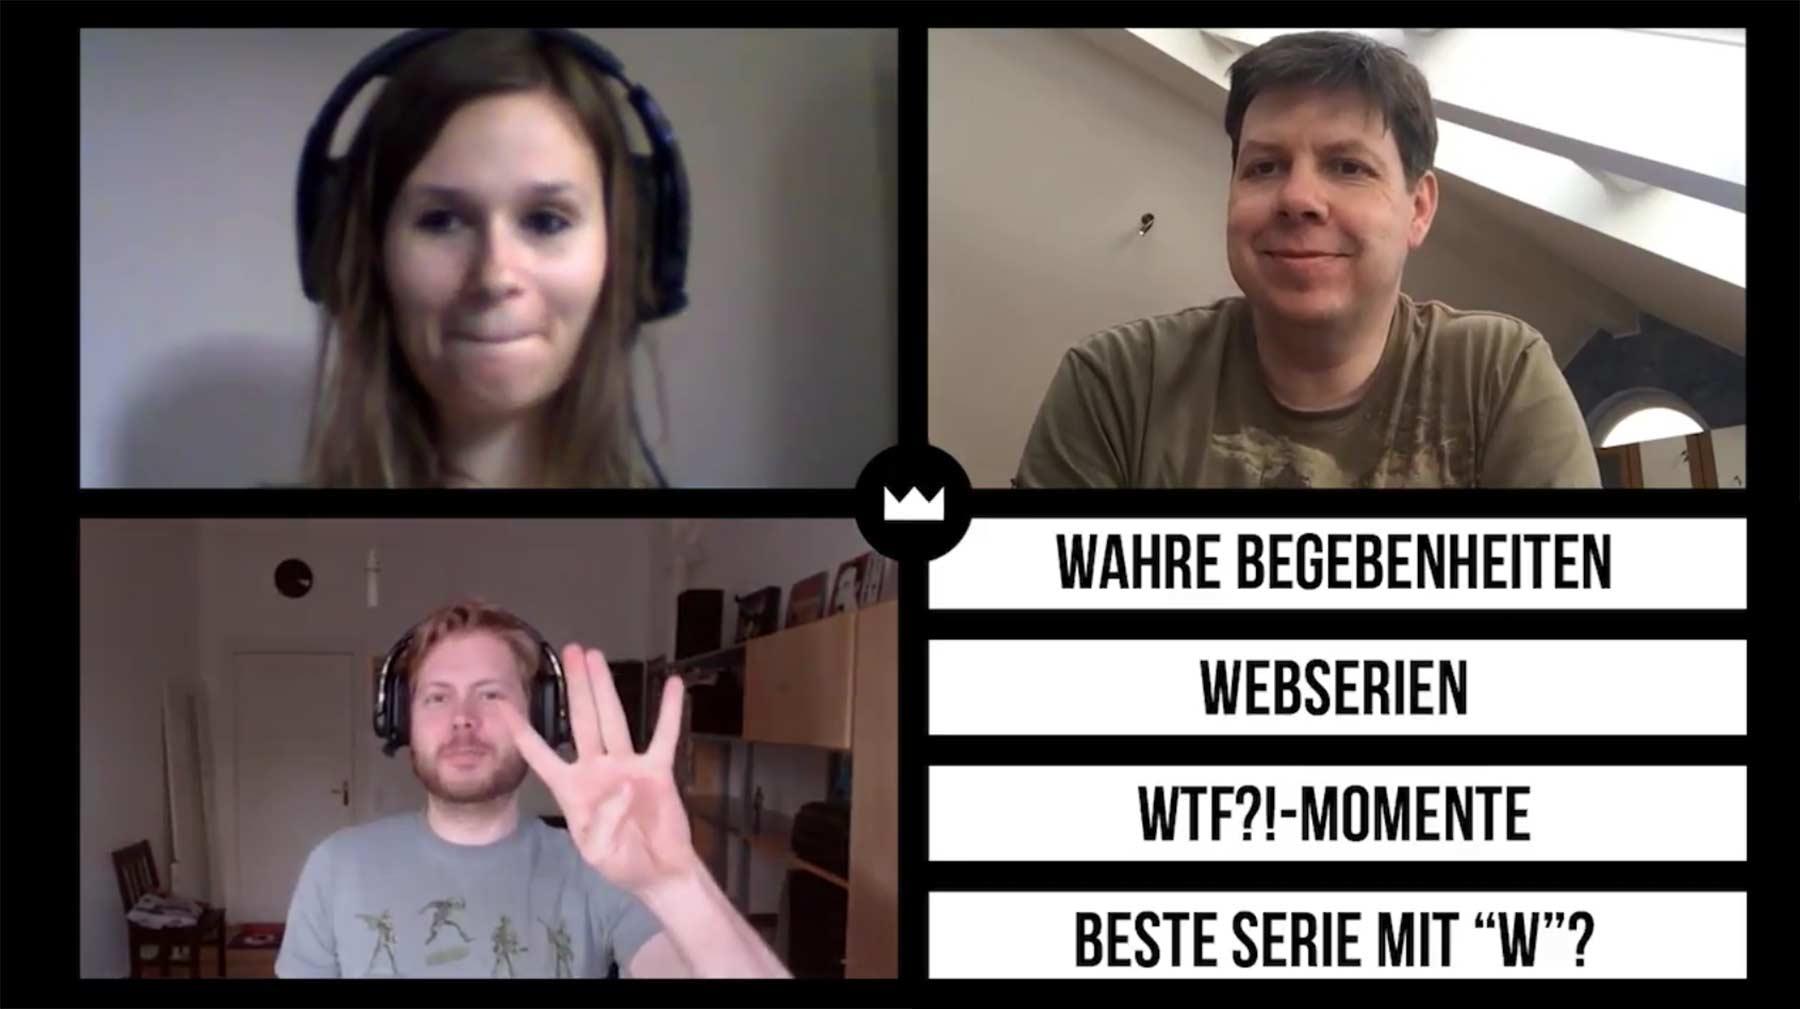 seriesly podcAZt – Ausgabe #W seriesly-podcAZt-W